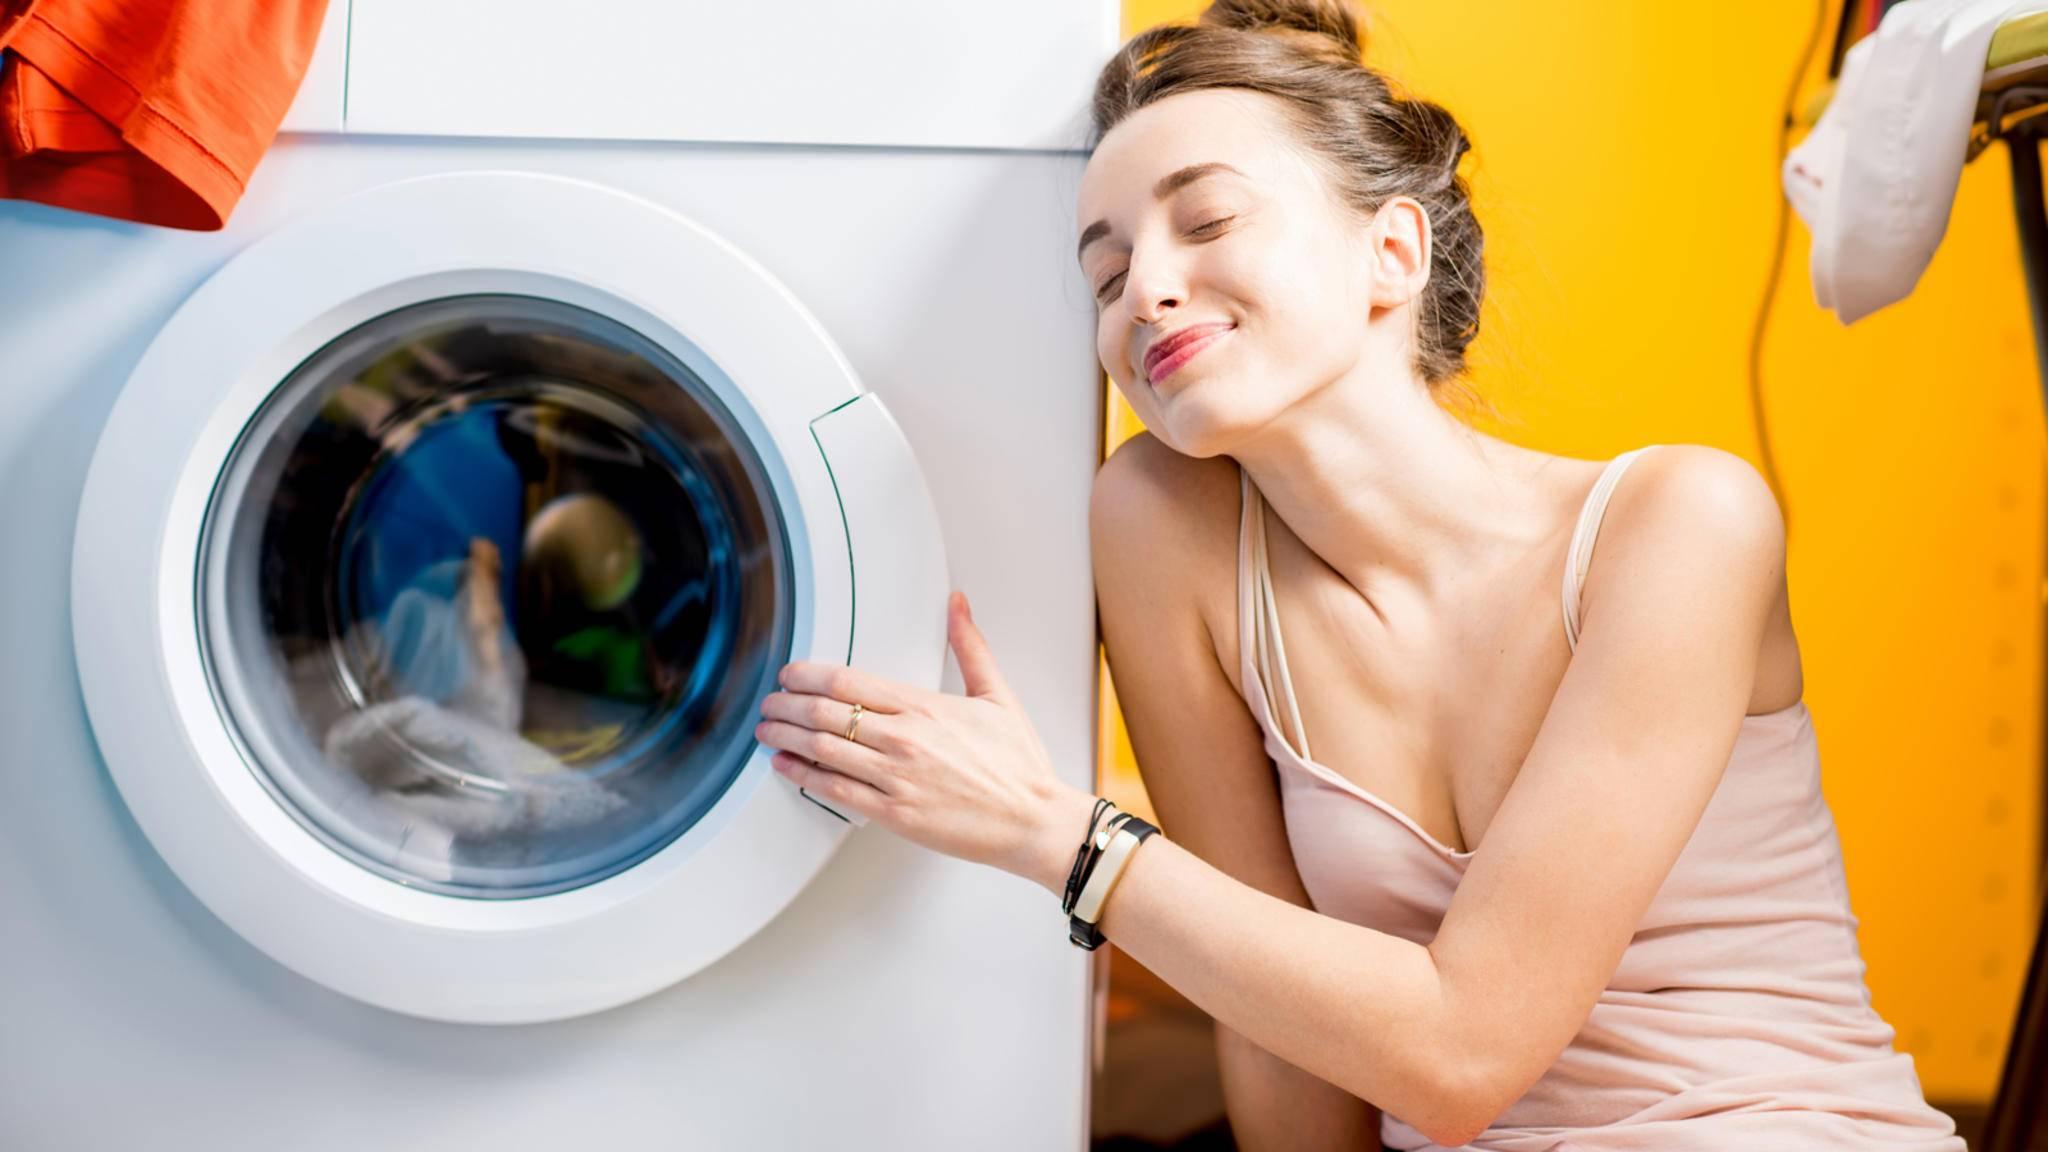 Das Kurzprogramm der Waschmaschine ist schnell fertig, aber macht es auch in Sachen Sauberkeit und Kosten auf Dauer glücklich?